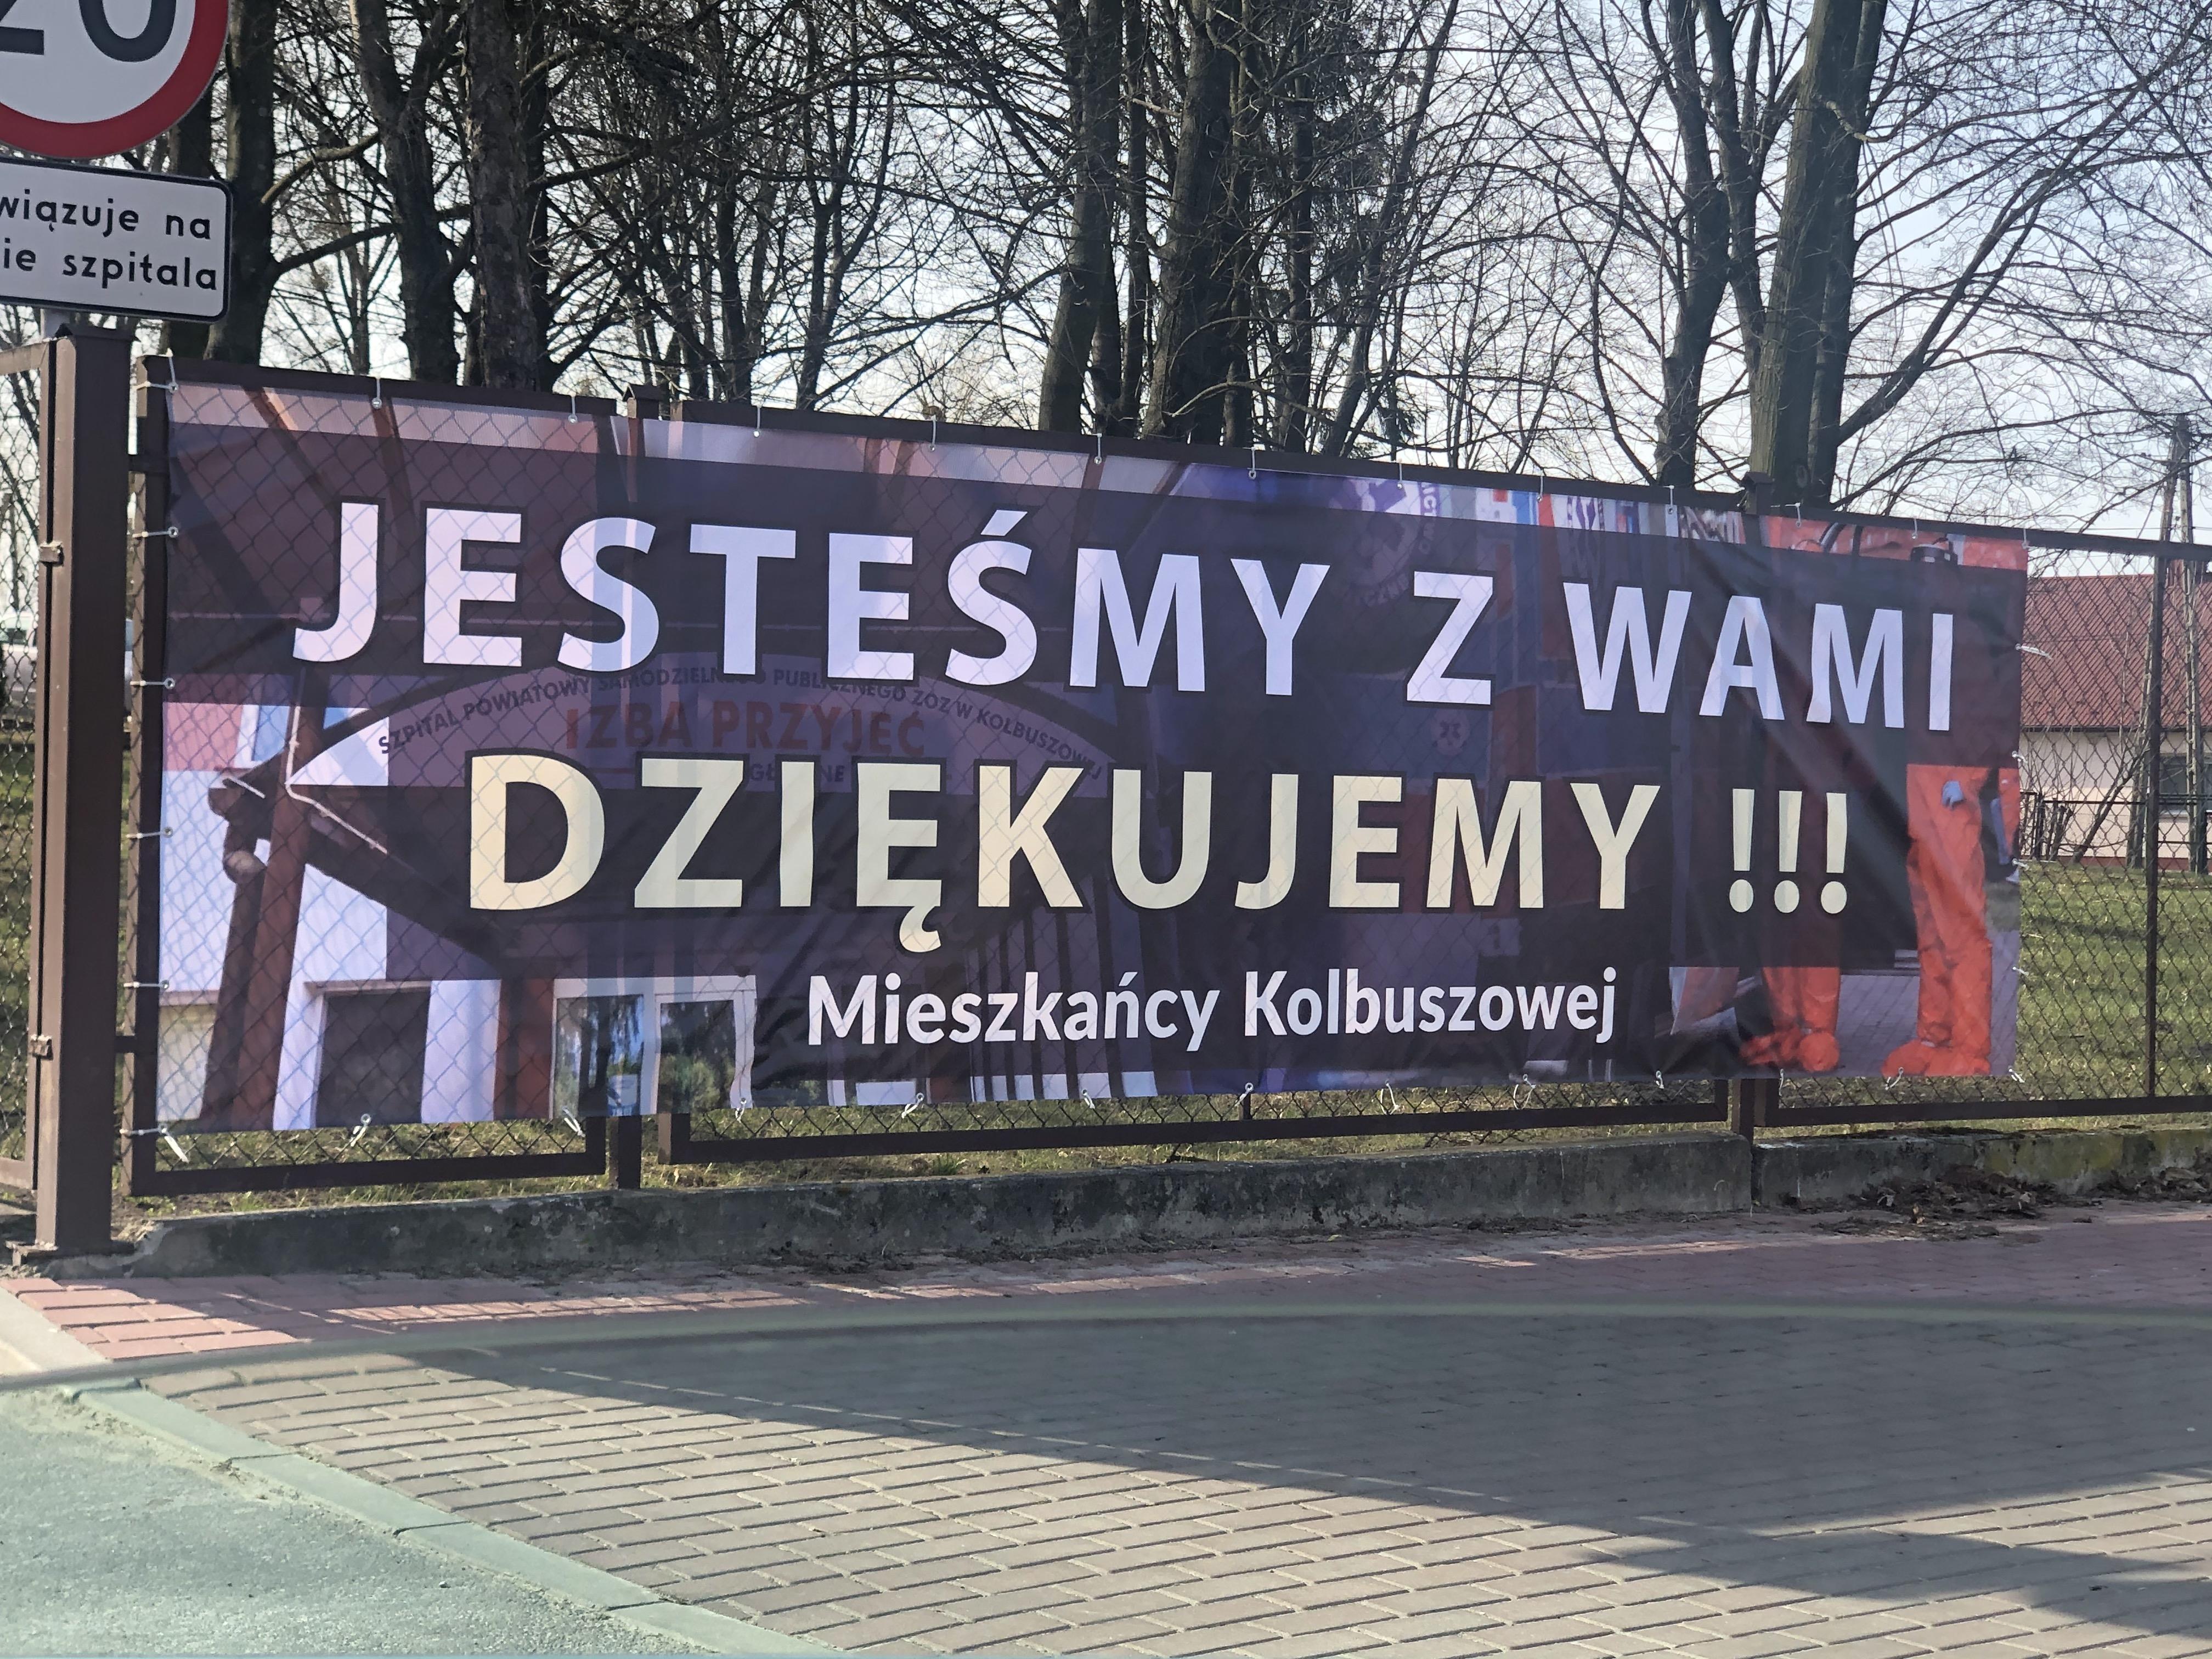 KOLBUSZOWA. Kolejny baner pod szpitalem. Mieszkańcy dziękują służbie zdrowia - Zdjęcie główne